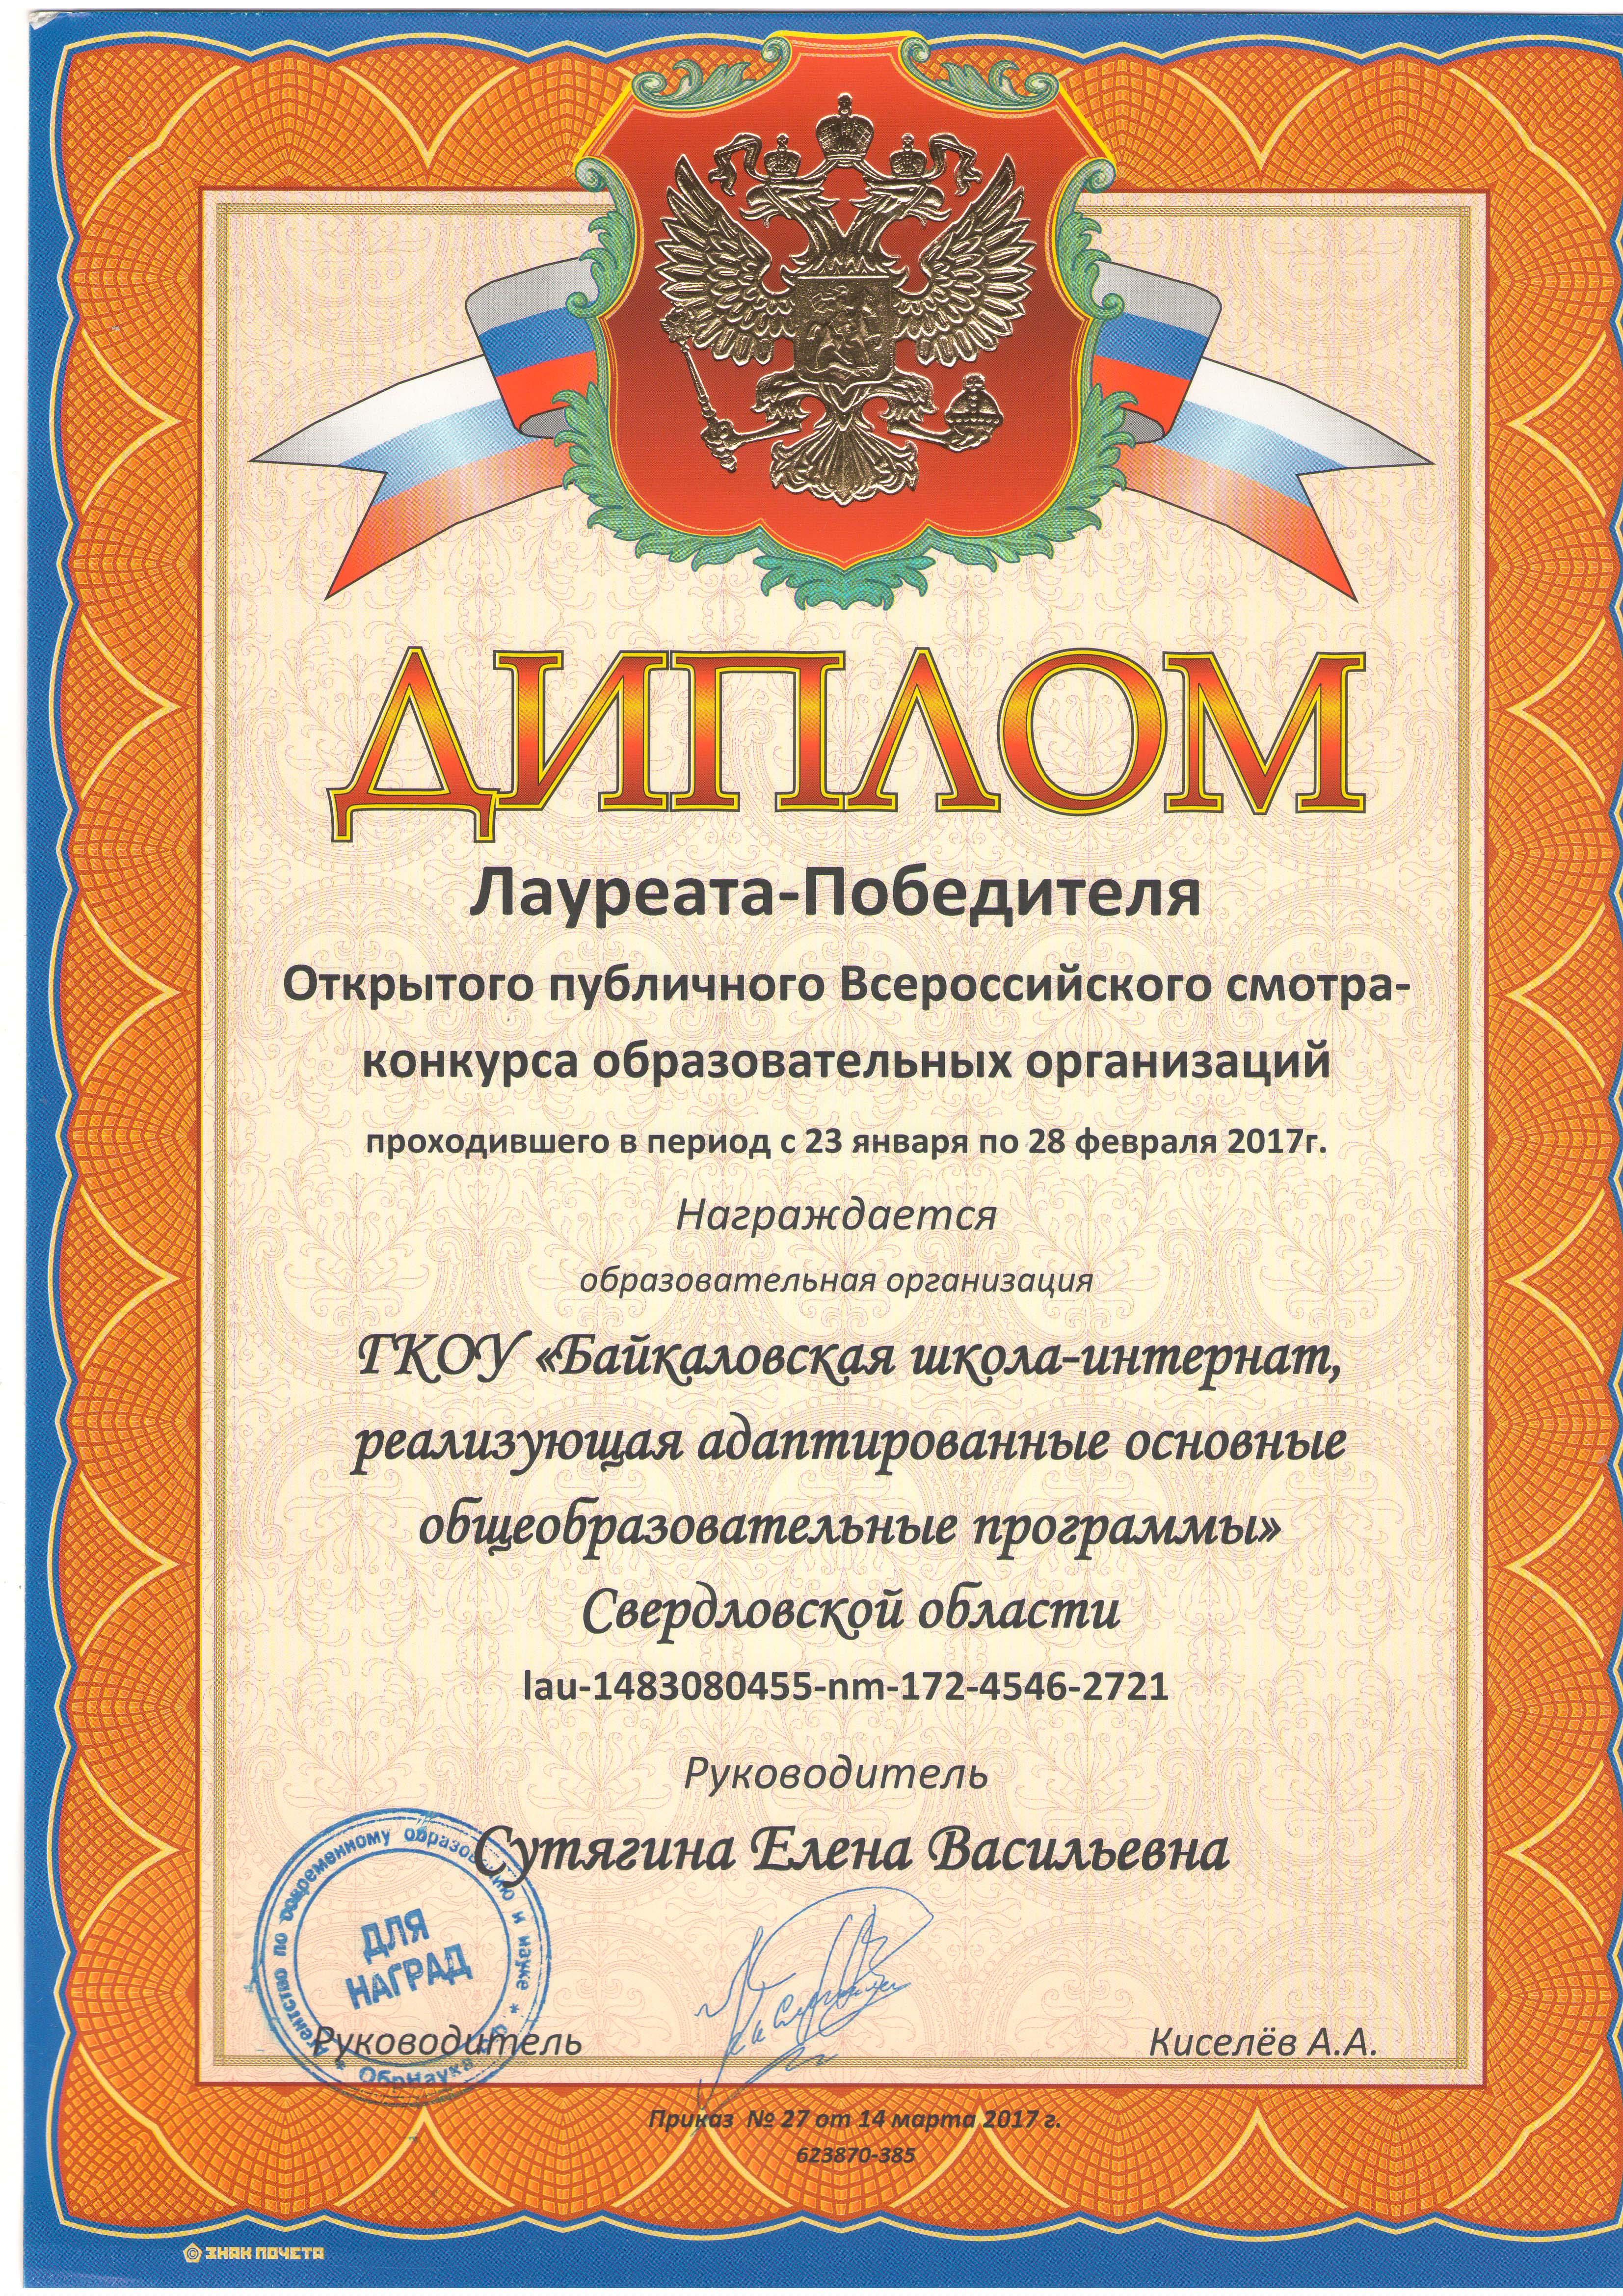 Всероссийский смотр-конкурс образовательных организаций